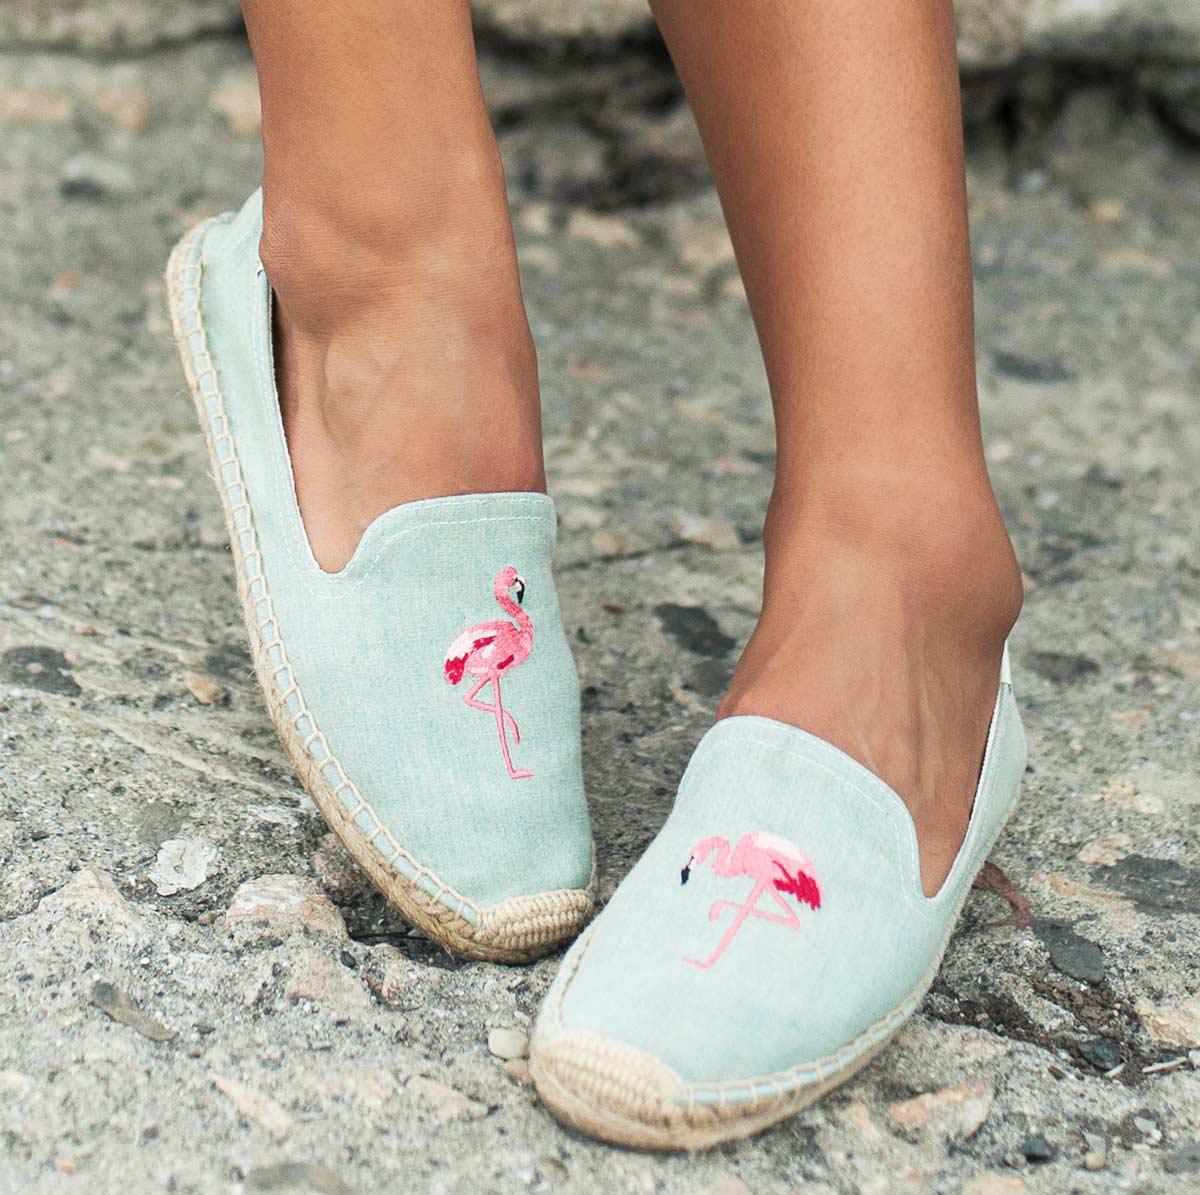 美國網站Shopbop最新2018促銷活動,shopbop 網購Soludos草編鞋低至HK$412+免費直運港澳